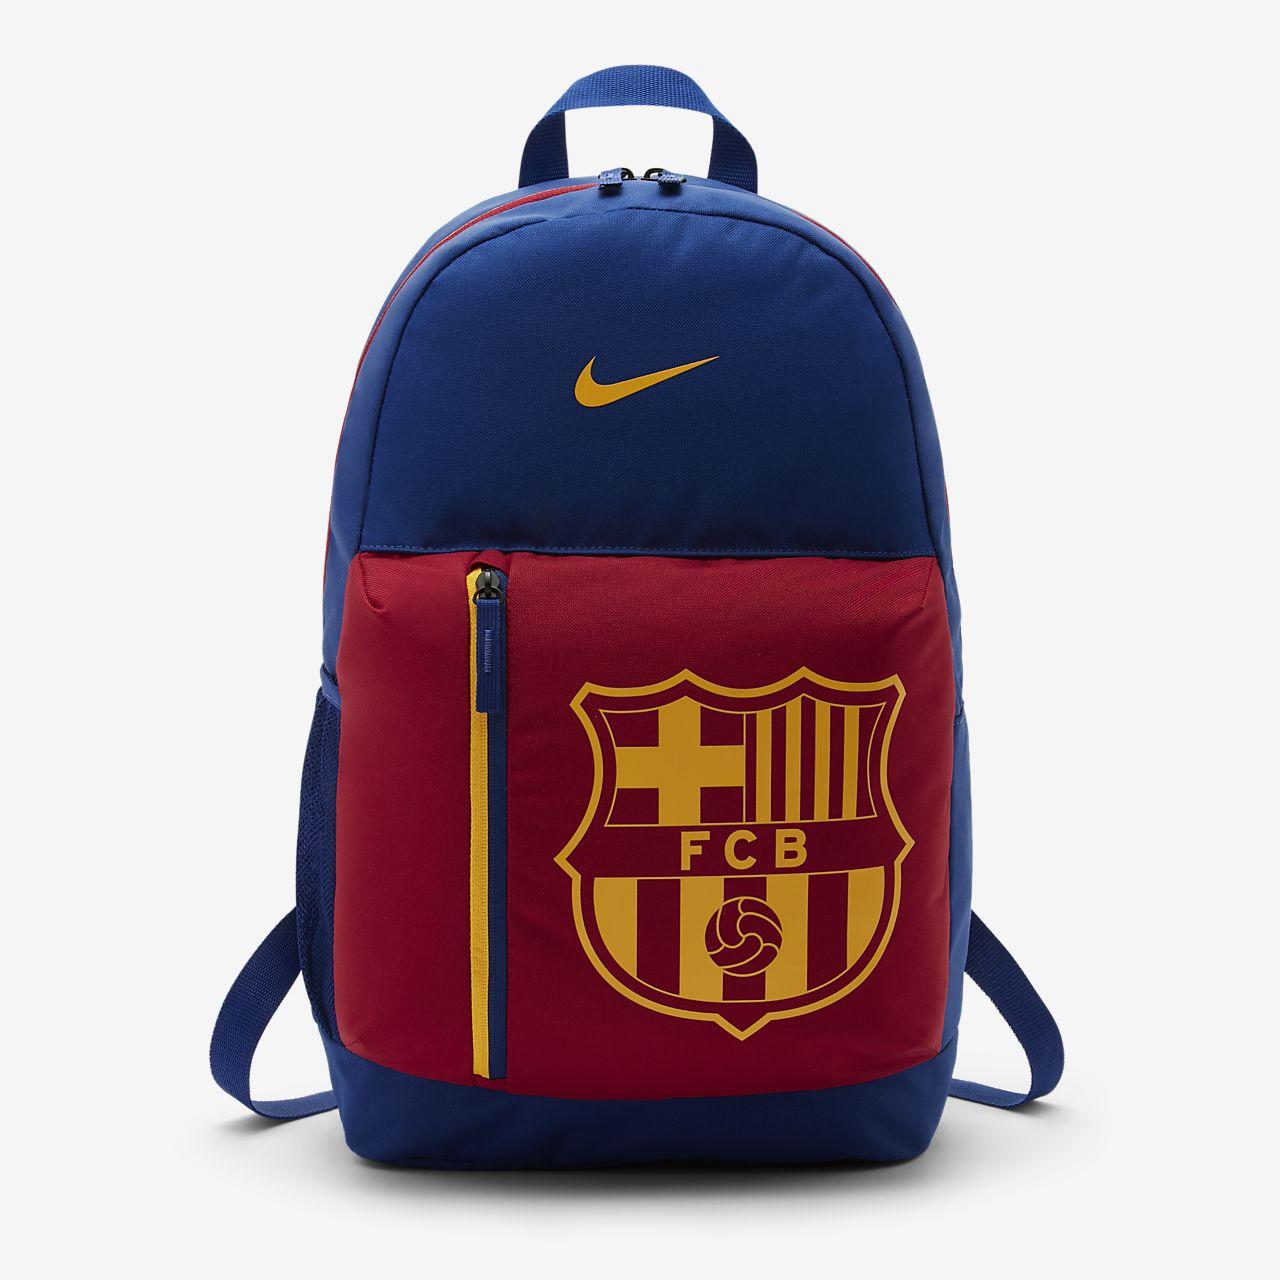 FC Barcelona Stadium-fodboldrygsæk til børn